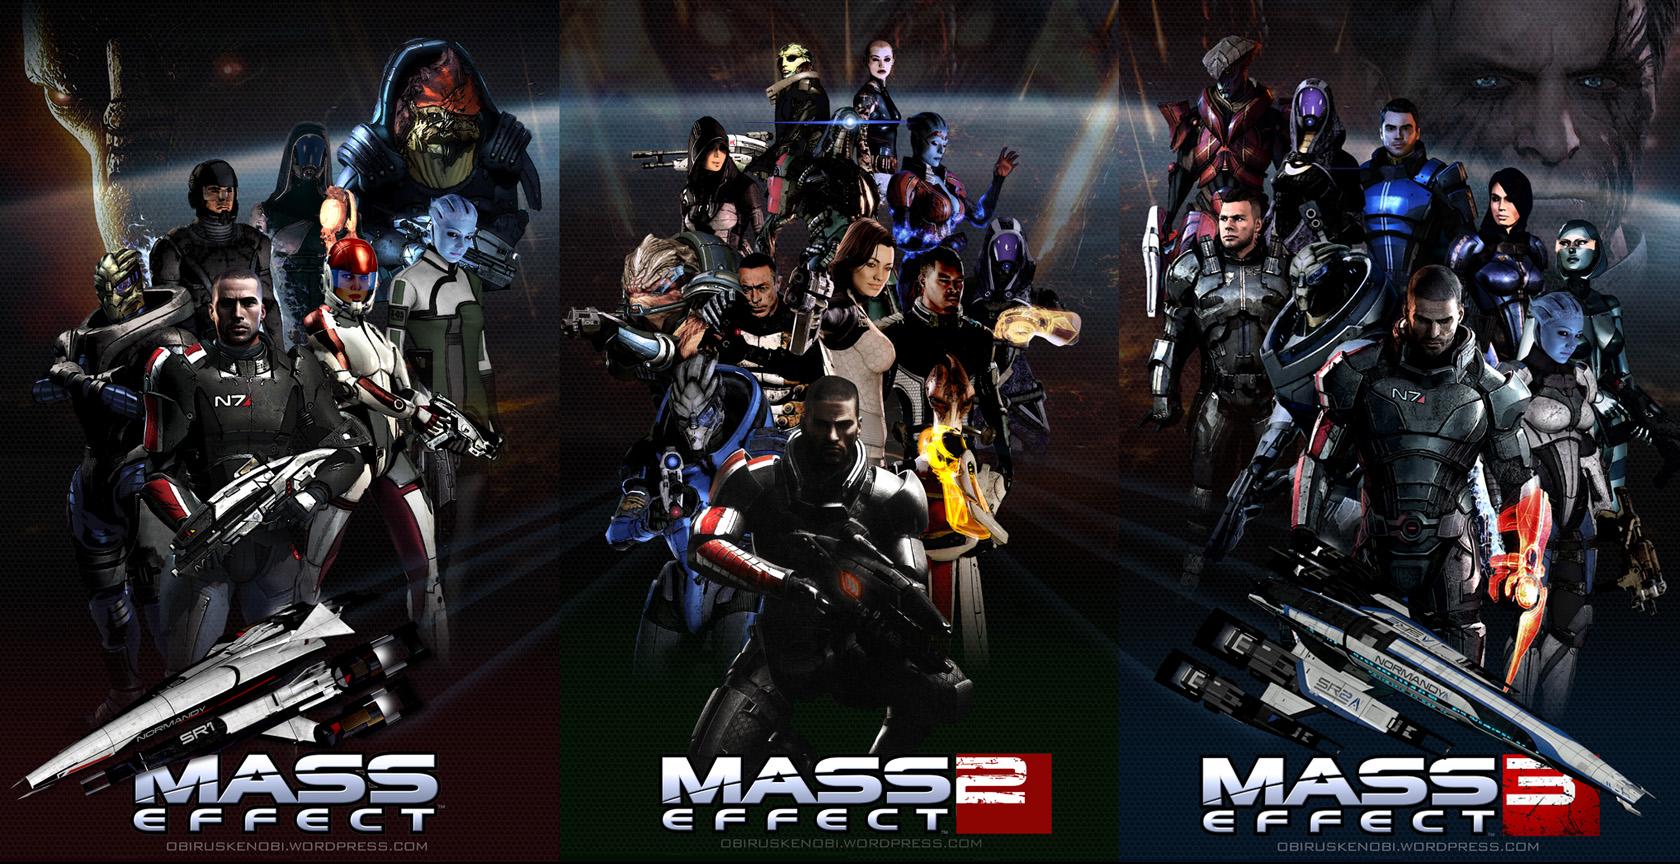 Mass Effect Trilogy Fan Art Triptych by rs2studios